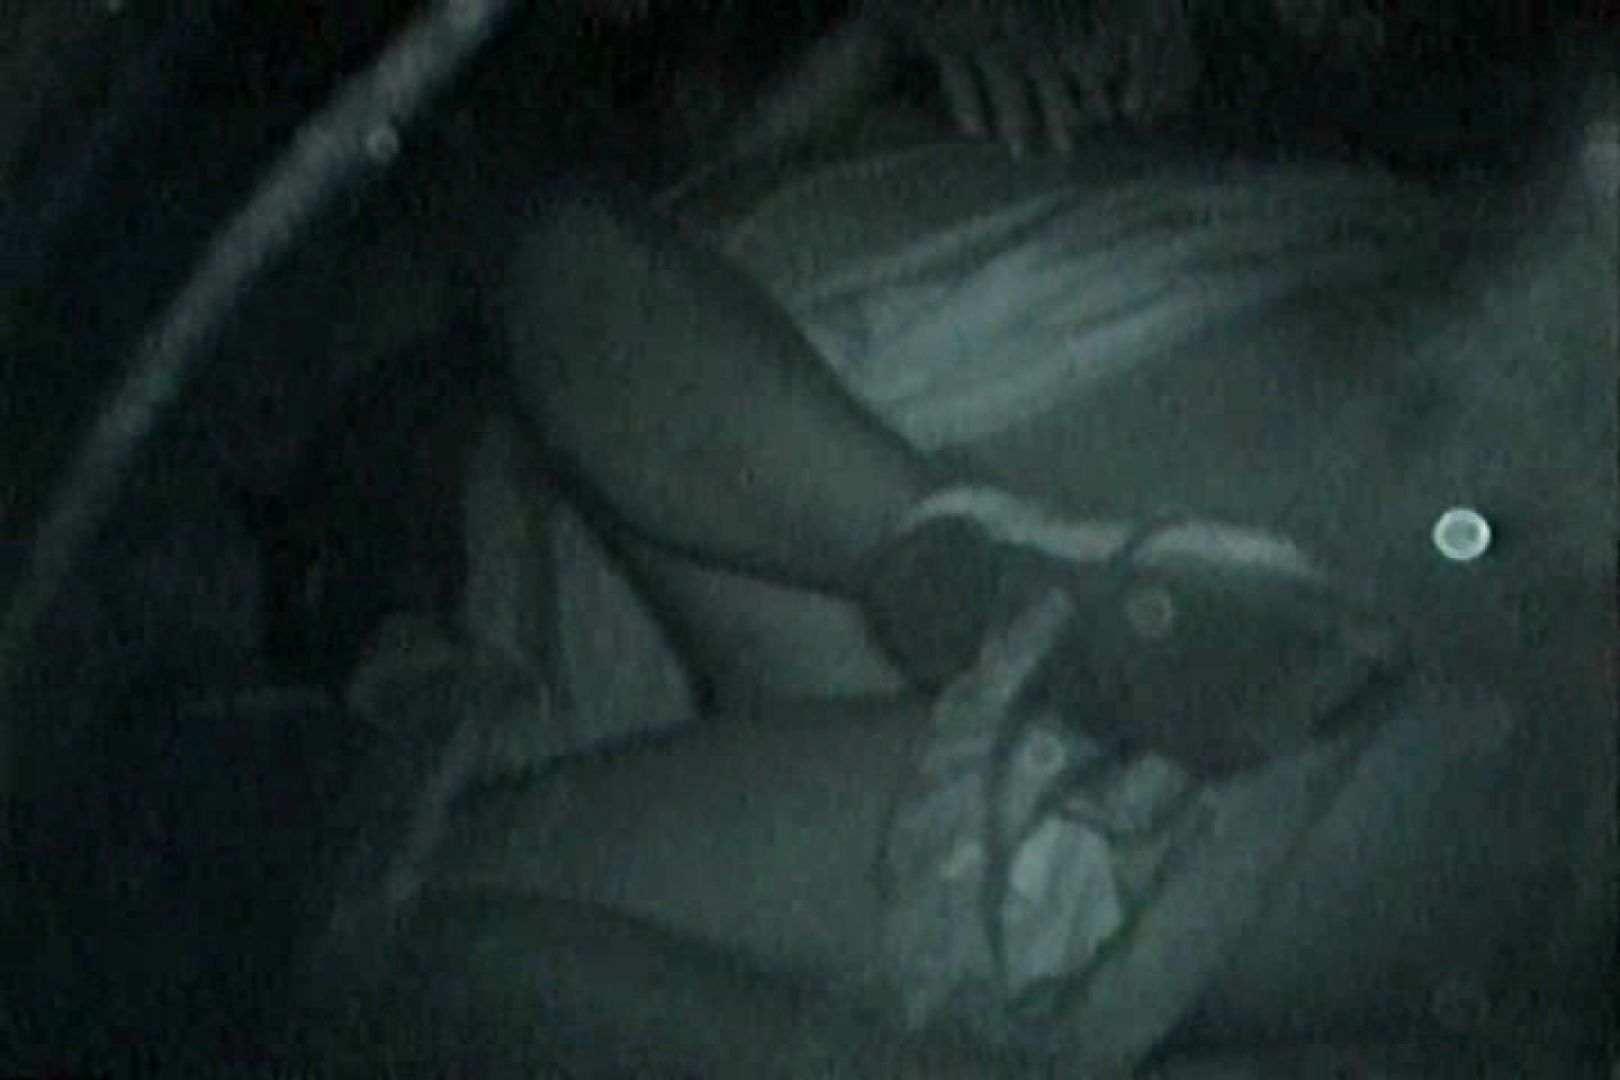 充血監督の深夜の運動会Vol.124 エロティックなOL ワレメ無修正動画無料 97画像 50